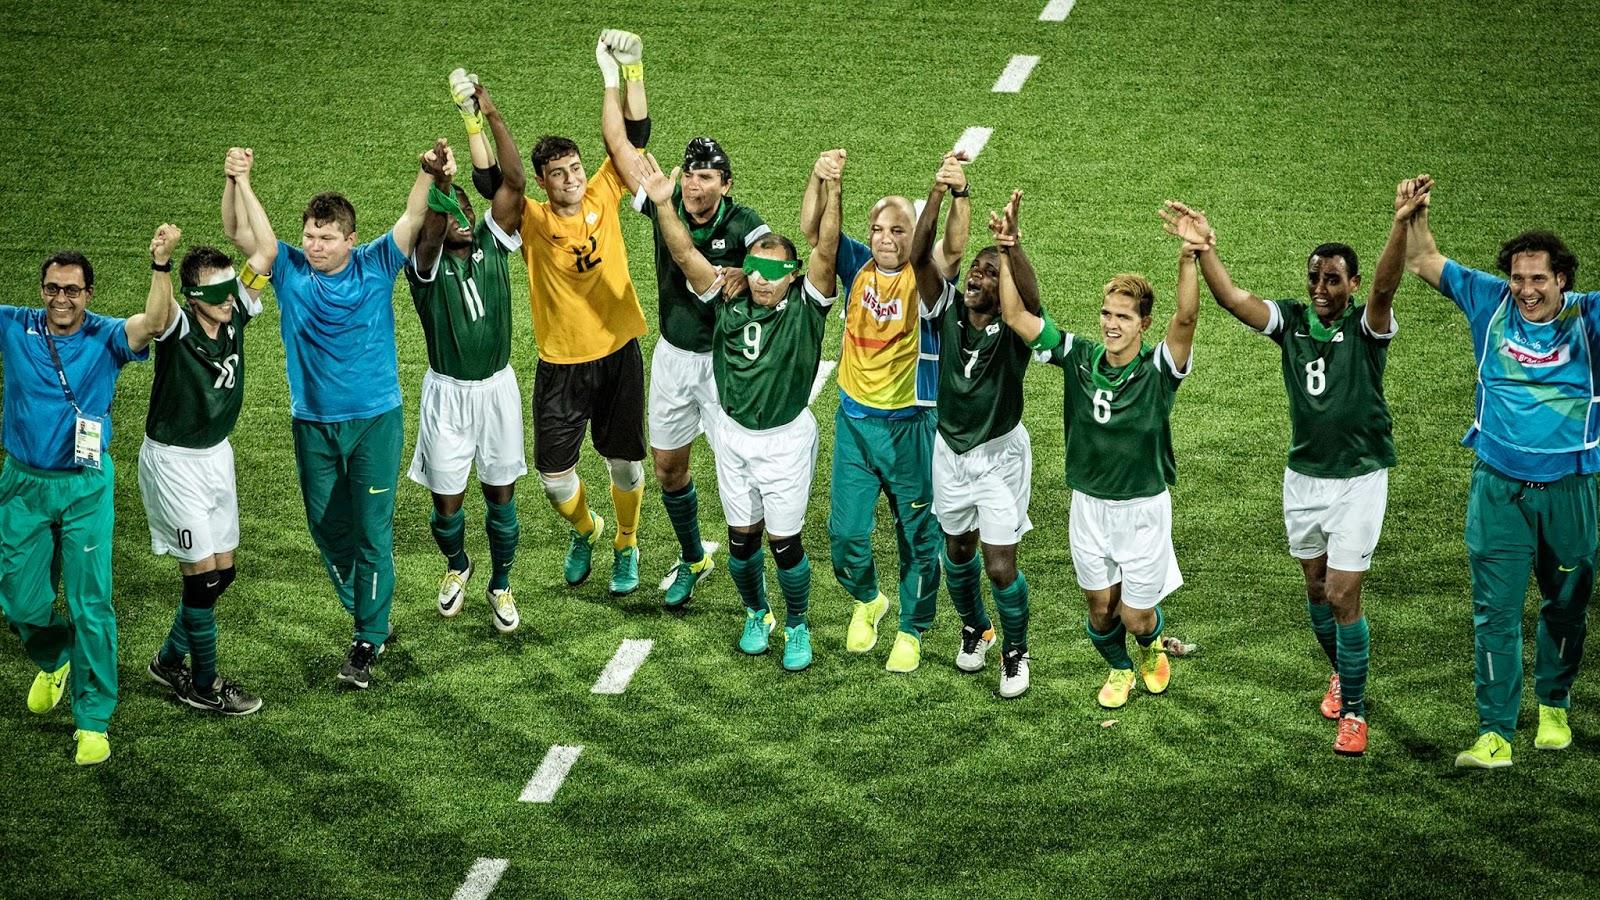 Seleção Brasileira de futebol de 5 é indicada a prêmio do IPC ... ae39e98b9092d